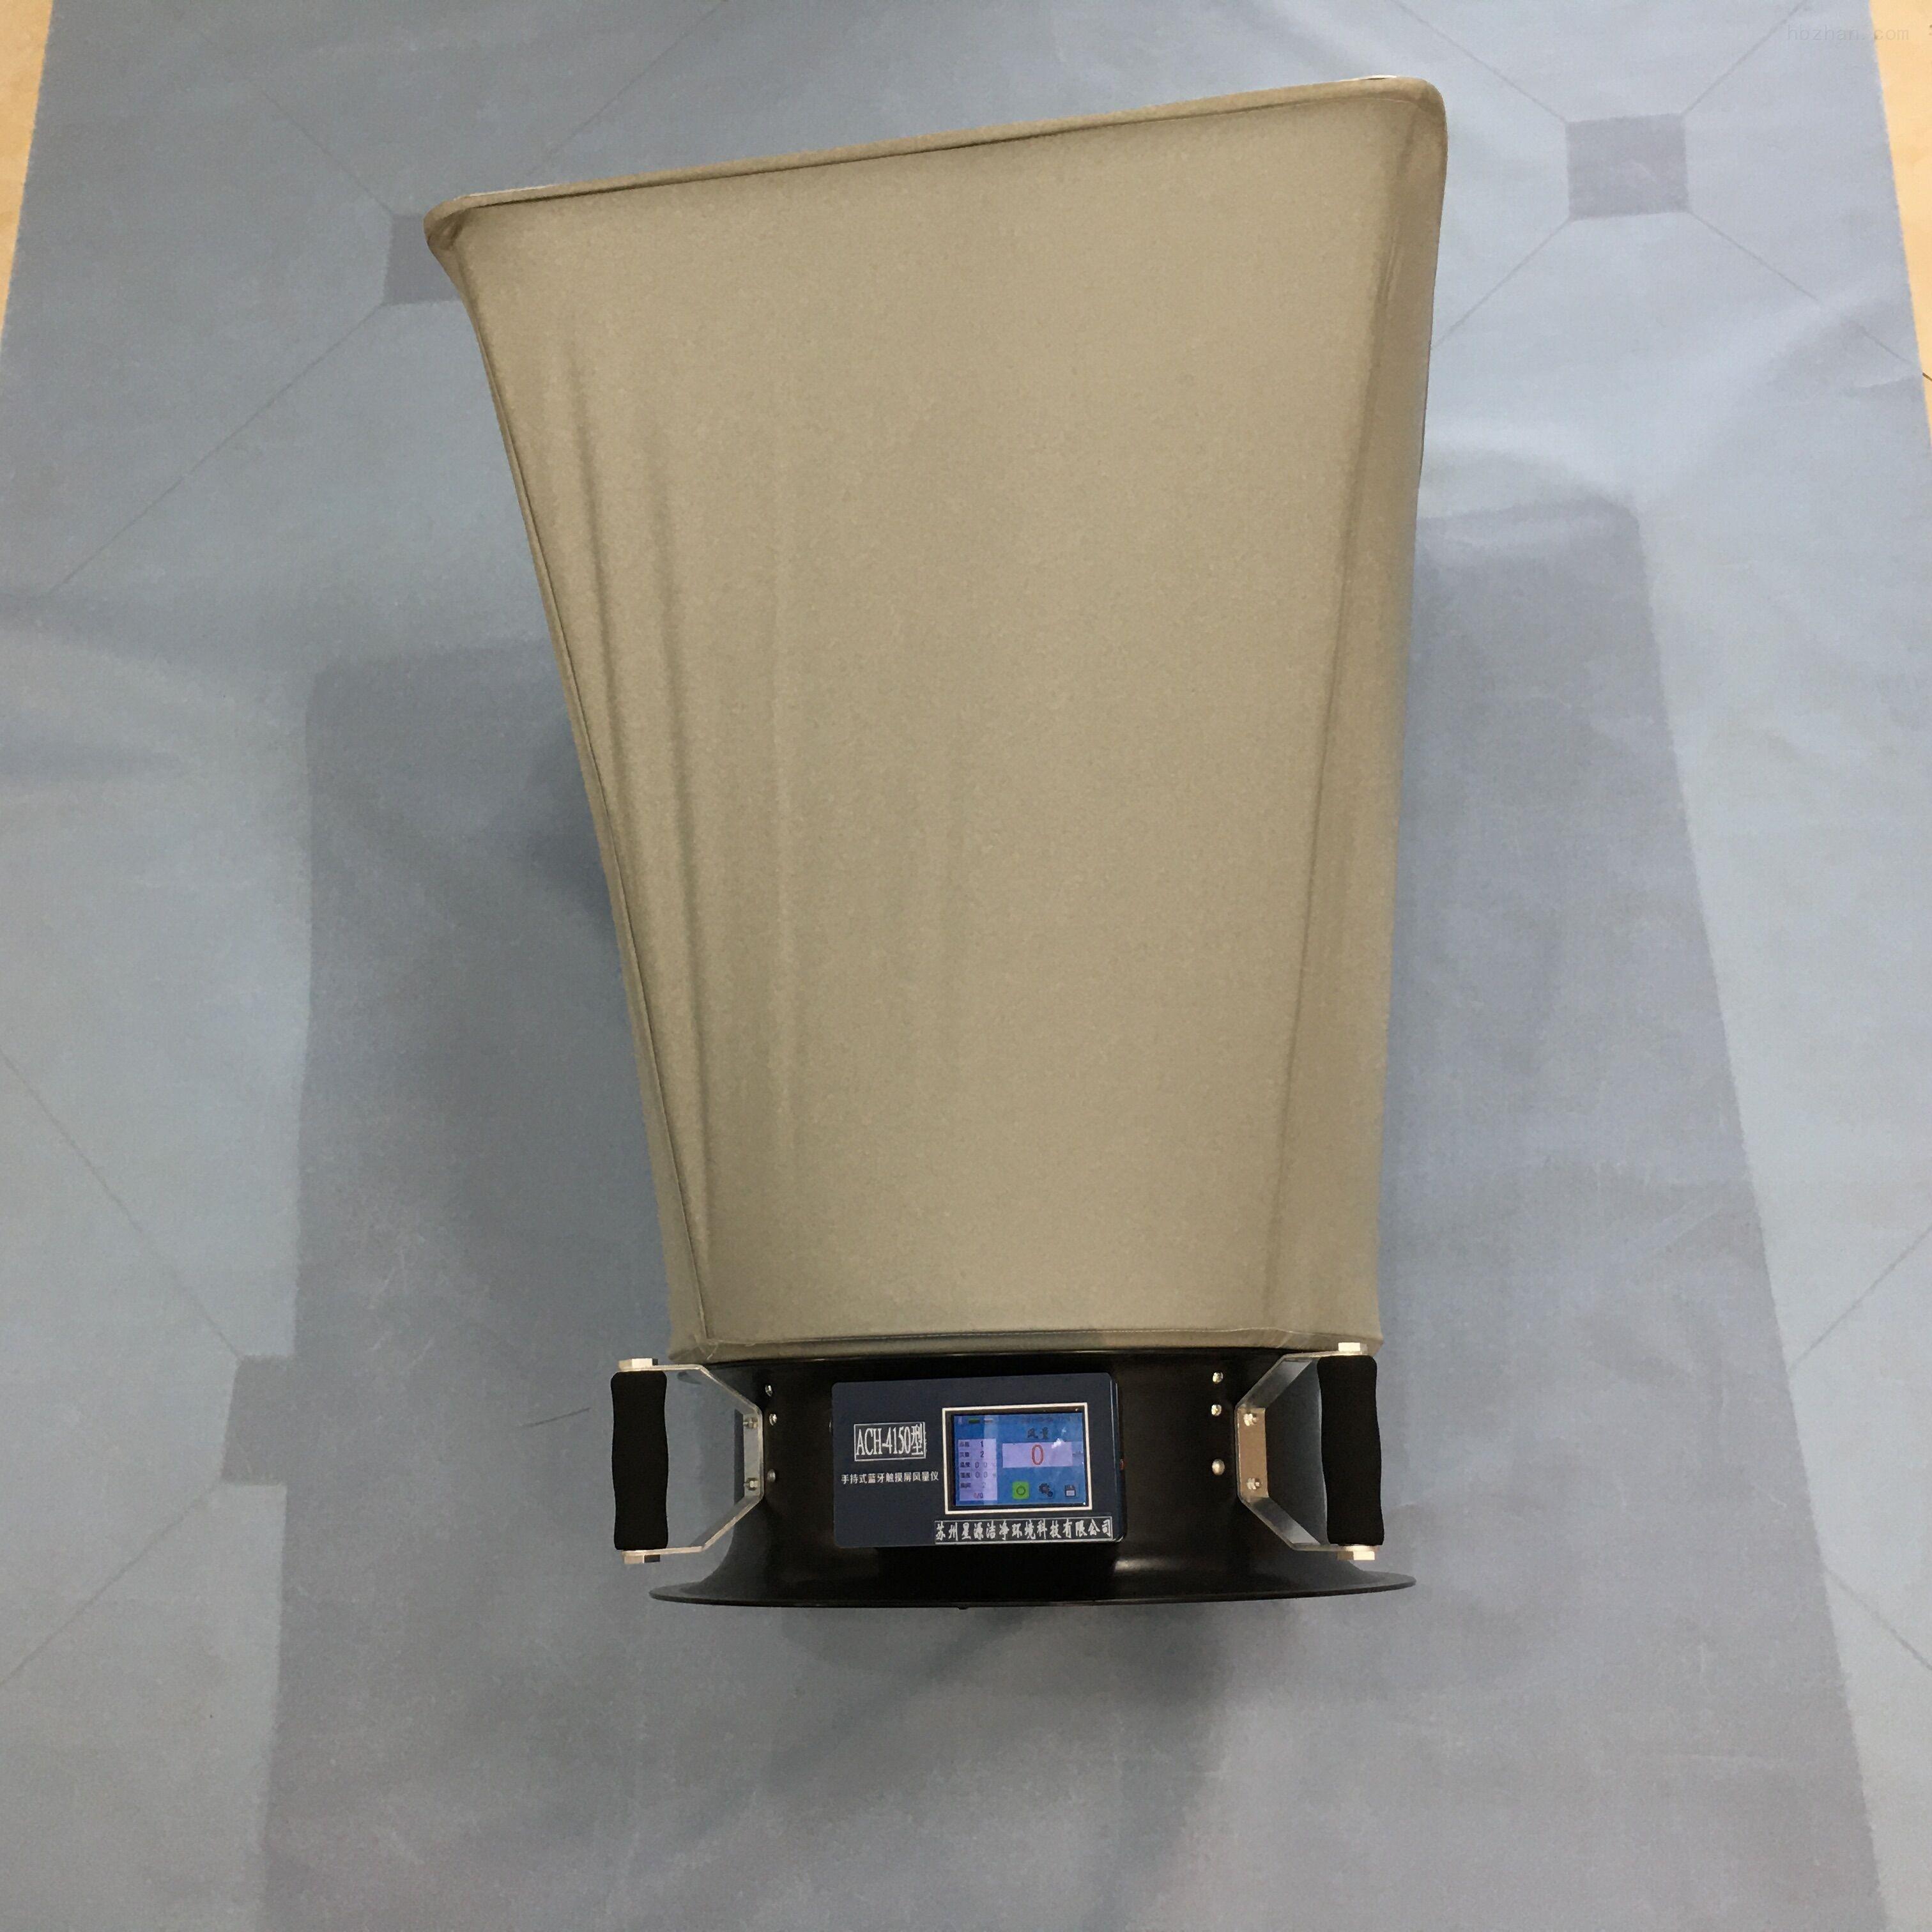 ACH-4150型手持式触摸屏无线蓝牙风量仪